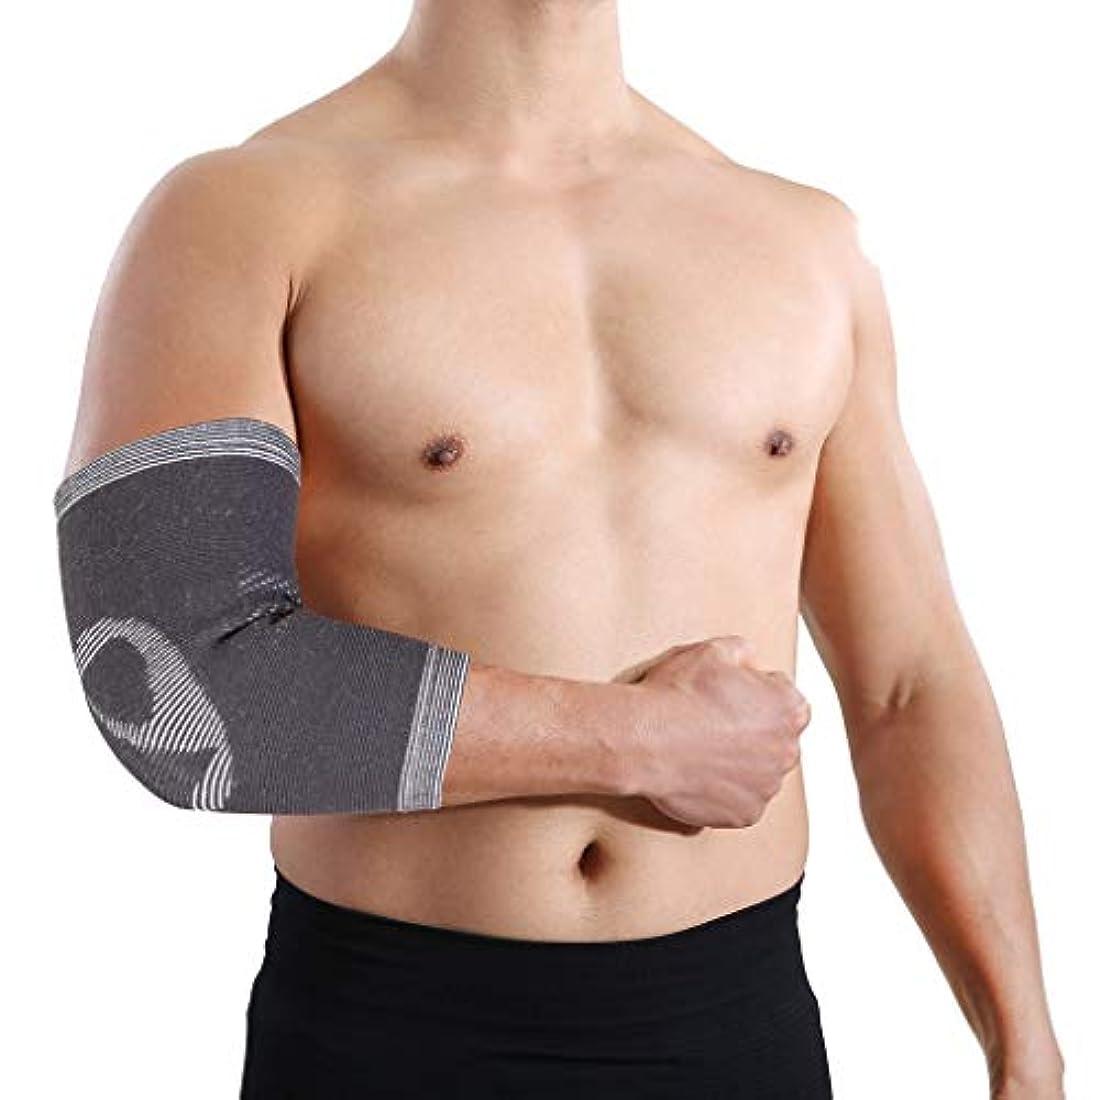 きちんとした一貫性のない汚い高弾性ラップ付き肘サポートスリーブブレースユニセックス包帯 - テニス、腱炎、ゴルファー、重量挙げ、関節炎のための最高のサポートと関節の回復 (Size : M)